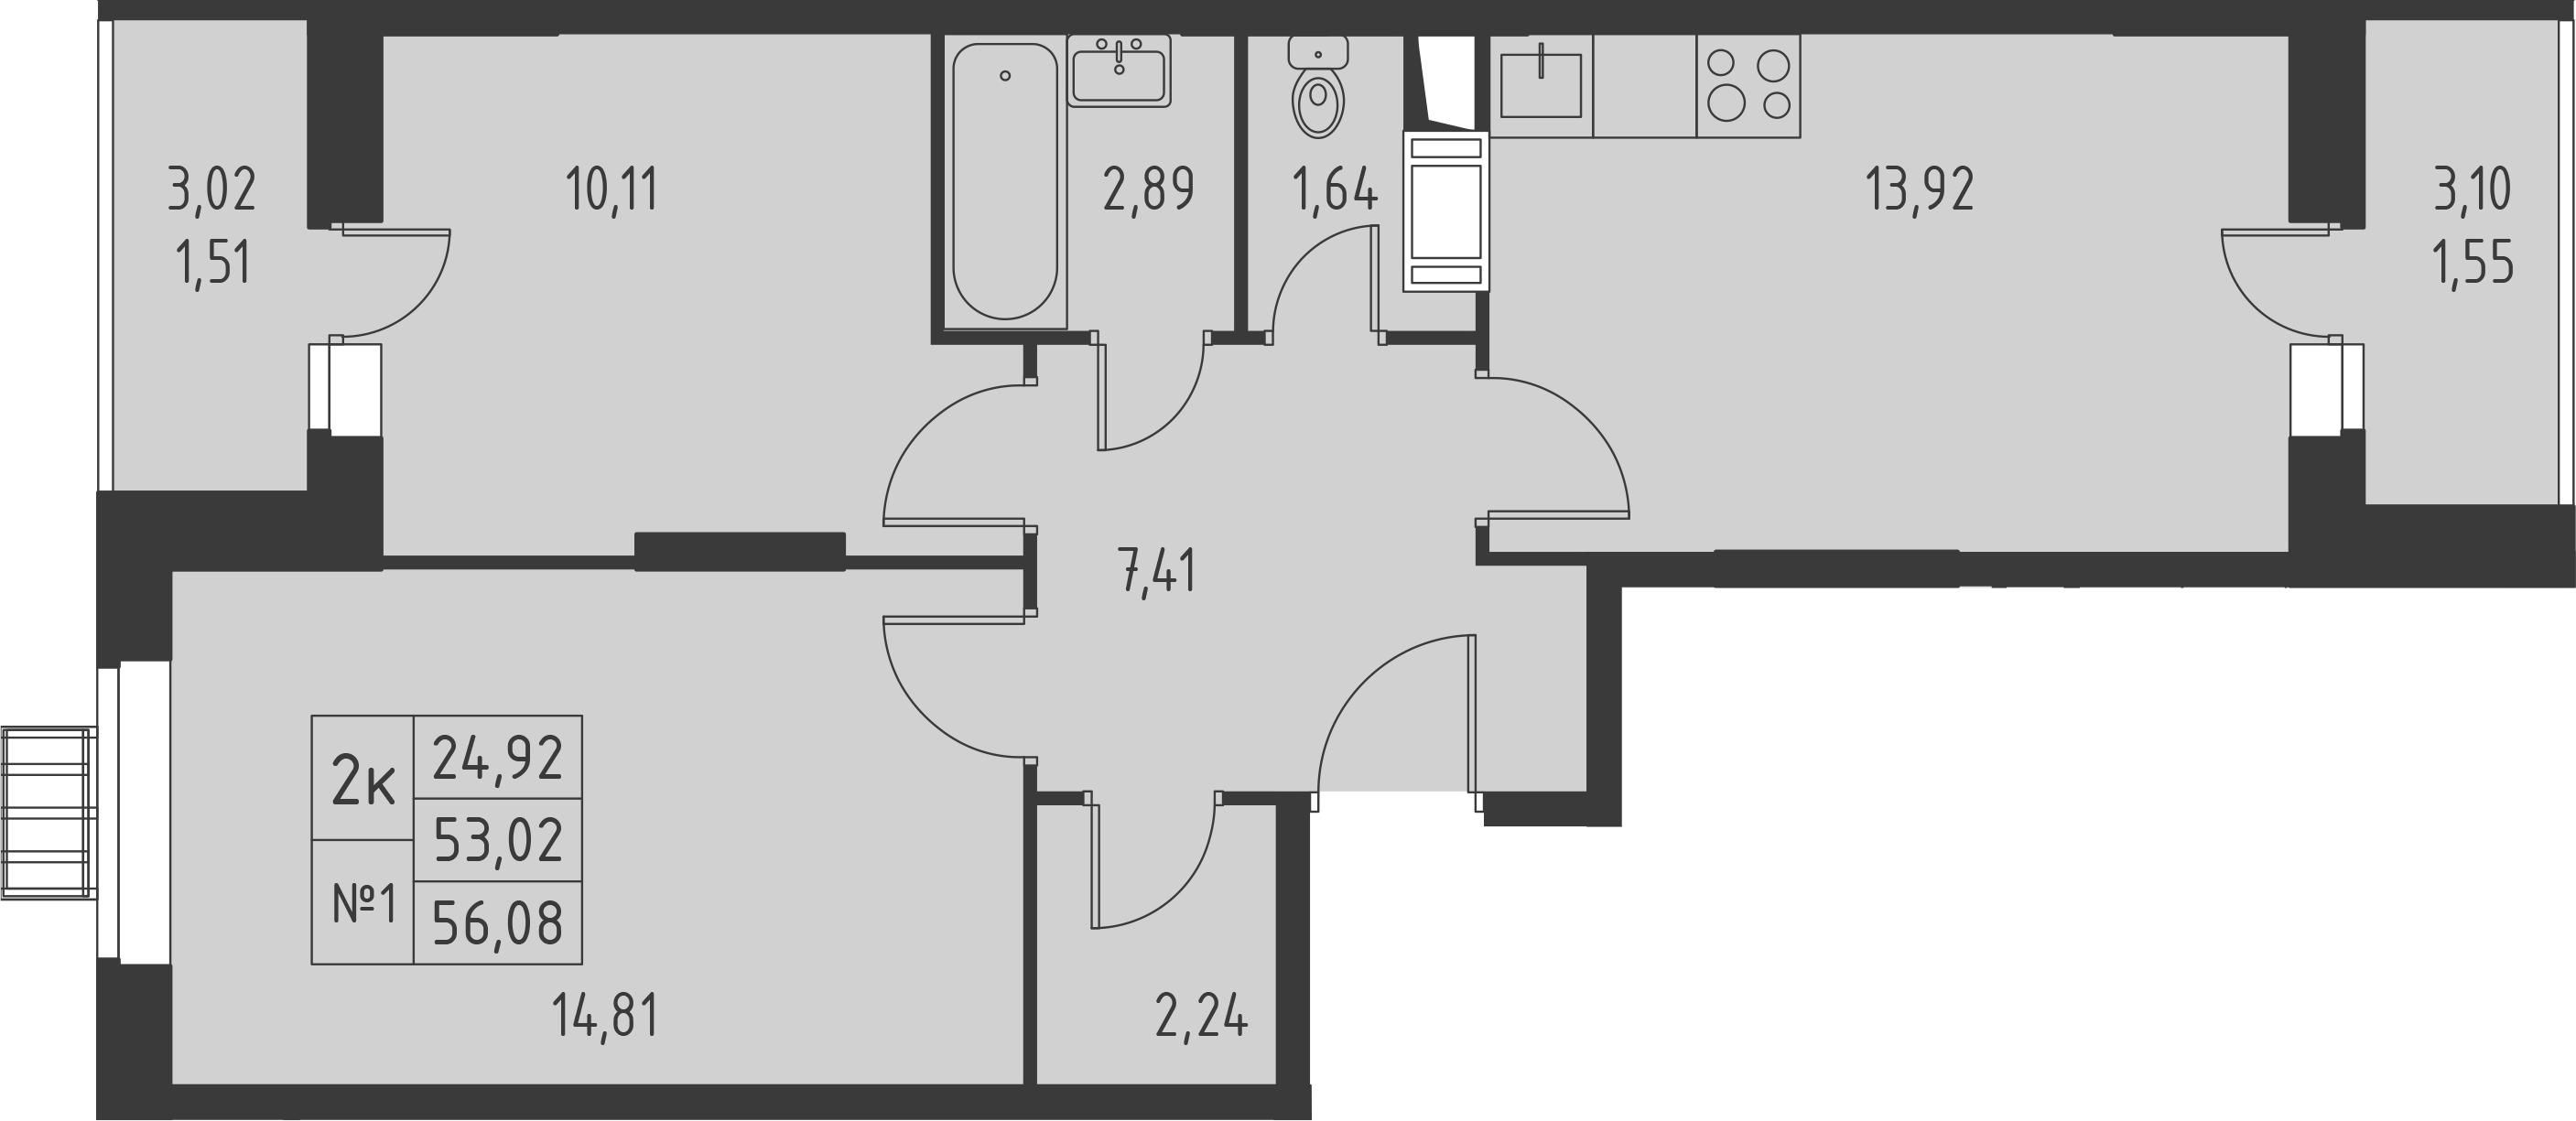 2-комнатная, 56.08 м²– 2